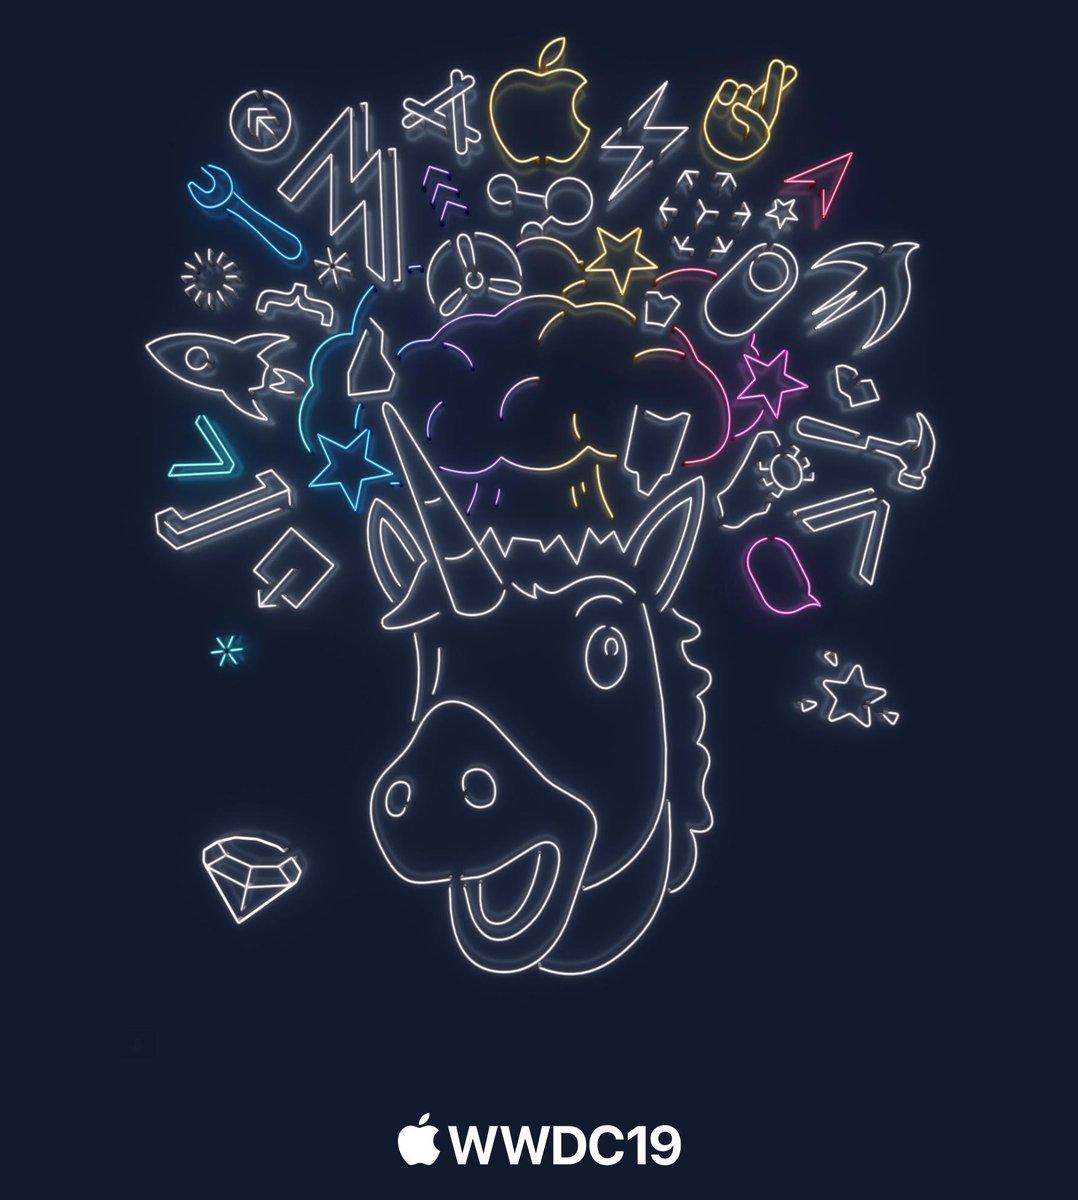 آبل ستكشف عن iOS 13 في حدث المطورين يوم 3 يونيو القادم